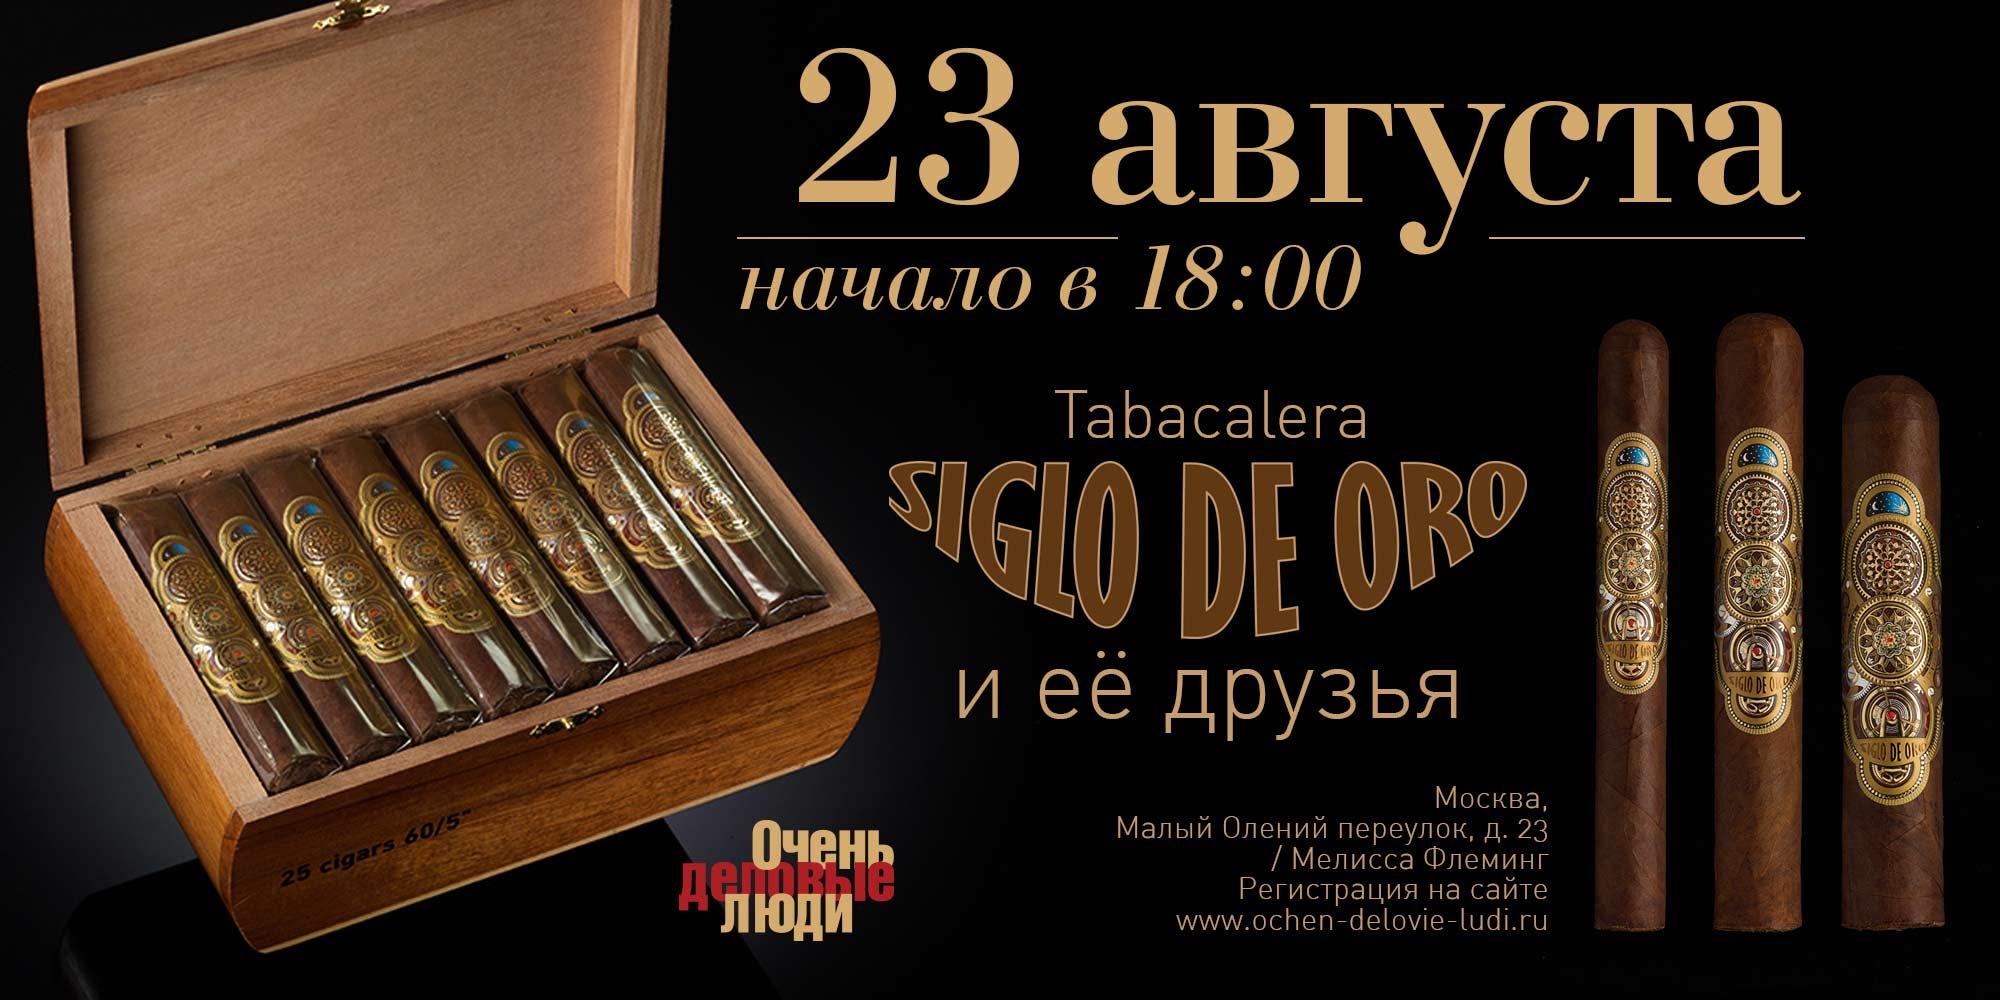 23 августа впервые SIGLO DE ORO собирает своих друзей!